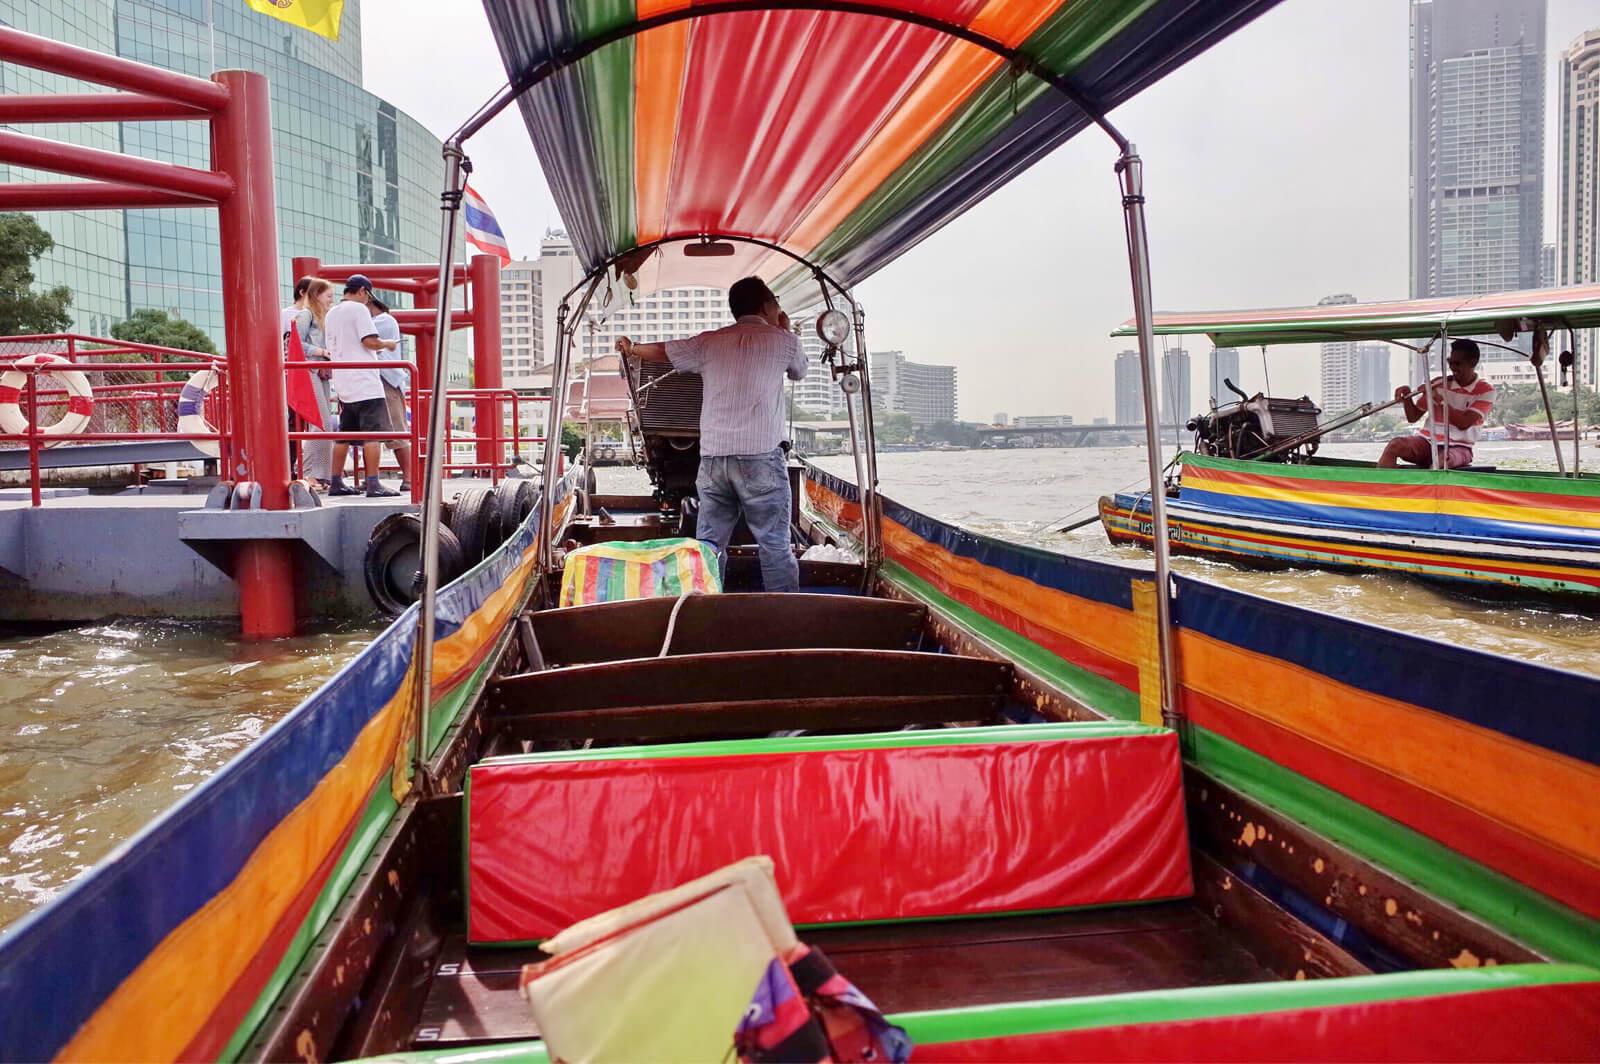 チャオプラヤー河 ボートツアー 操縦士